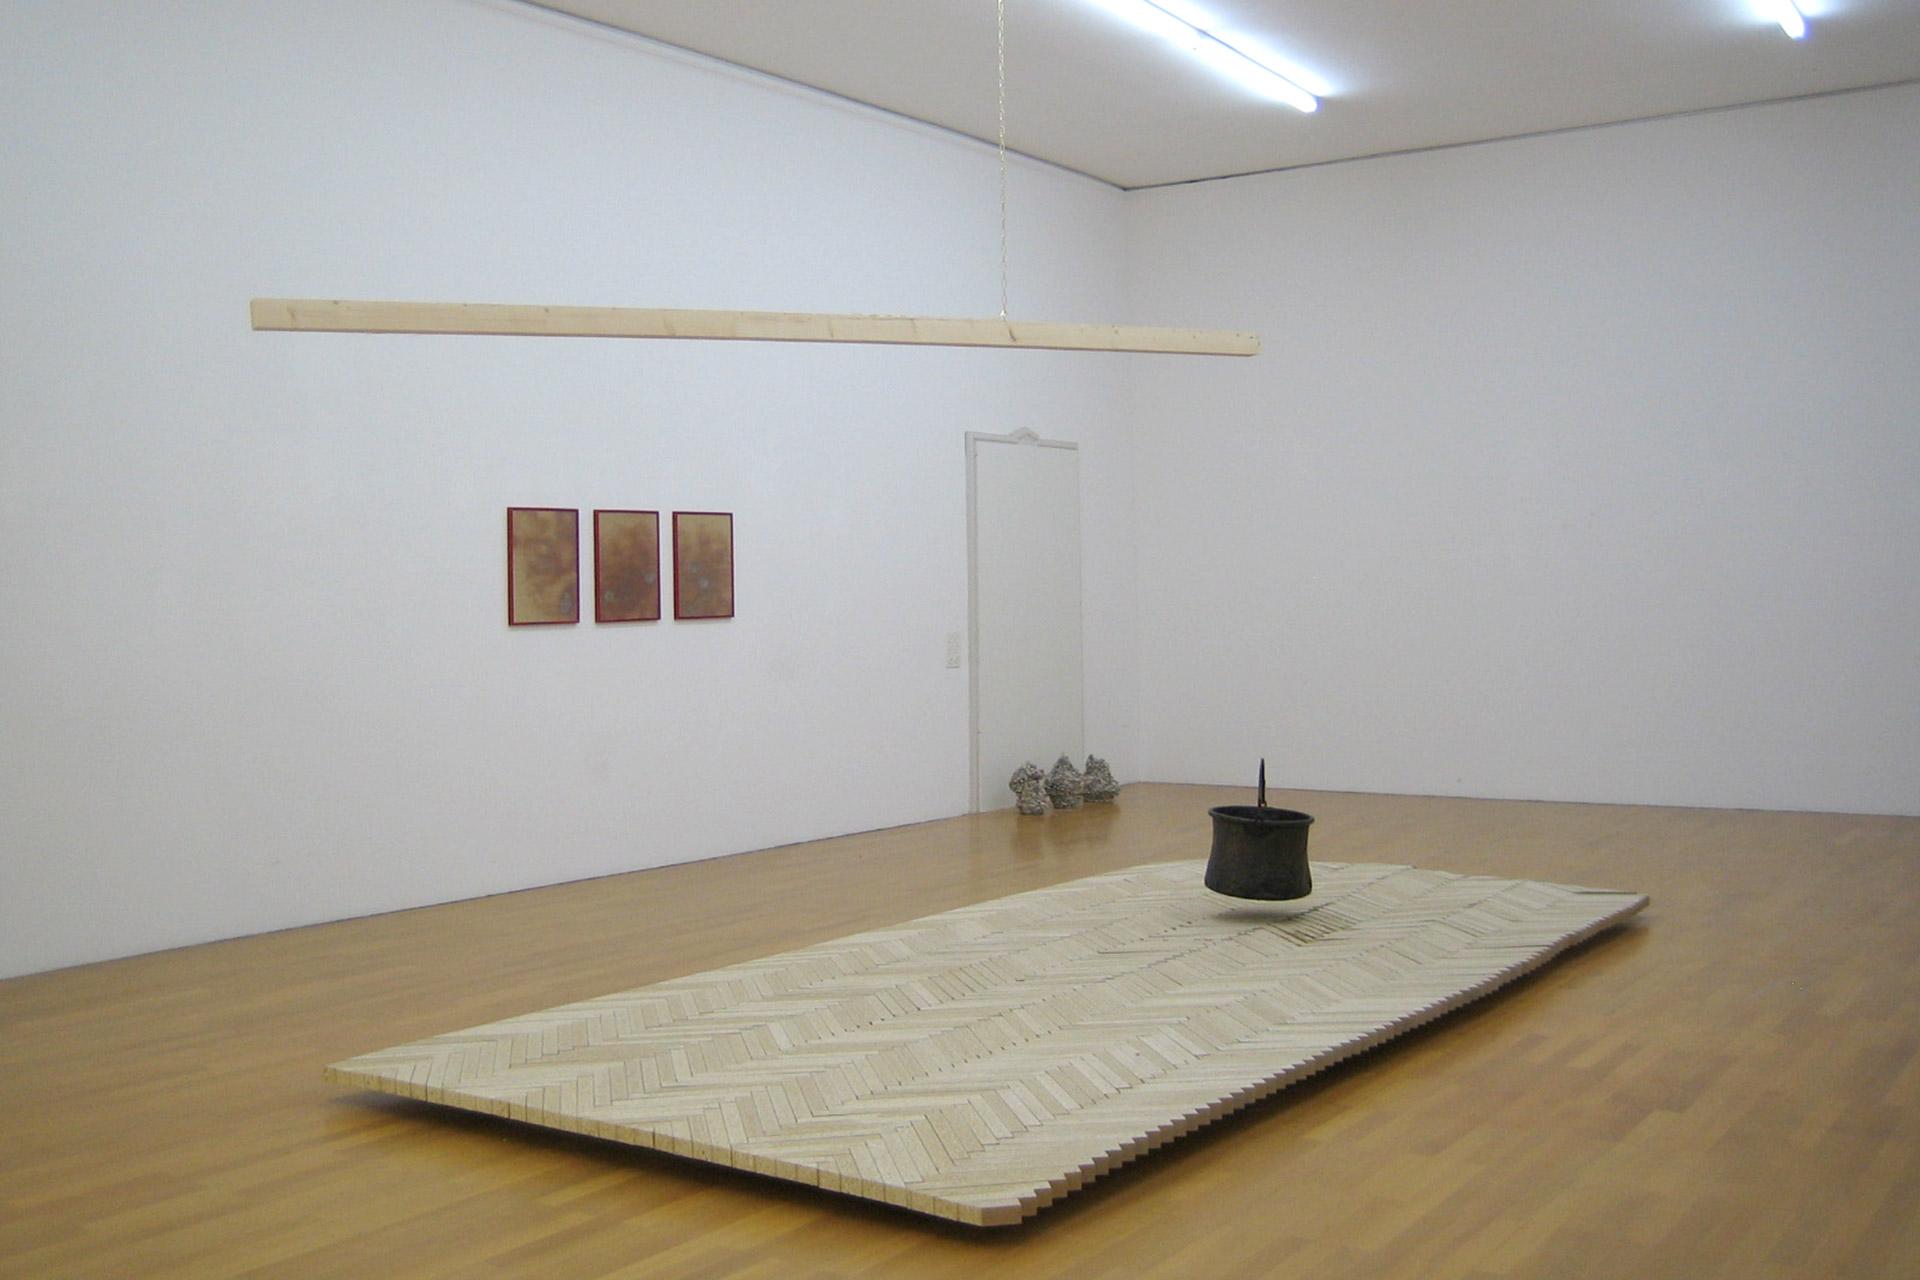 David-Renggli-Kunsthalle-Winterthur-2006-3.jpg